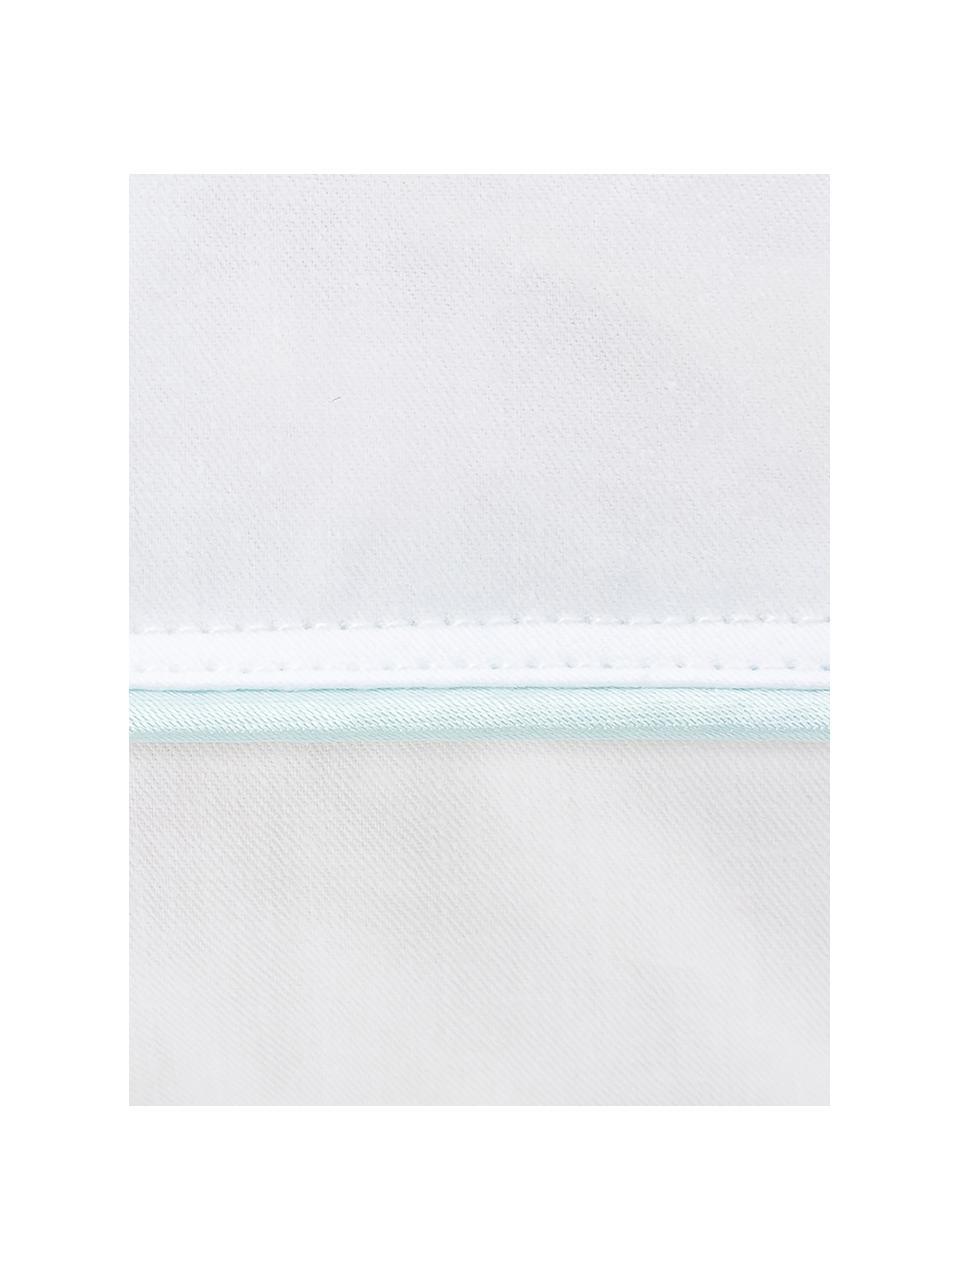 Feder-Kopfkissen Classic, mittel, Hülle: 100% Baumwolle, Mako-Köpe, Weiß, 40 x 80 cm